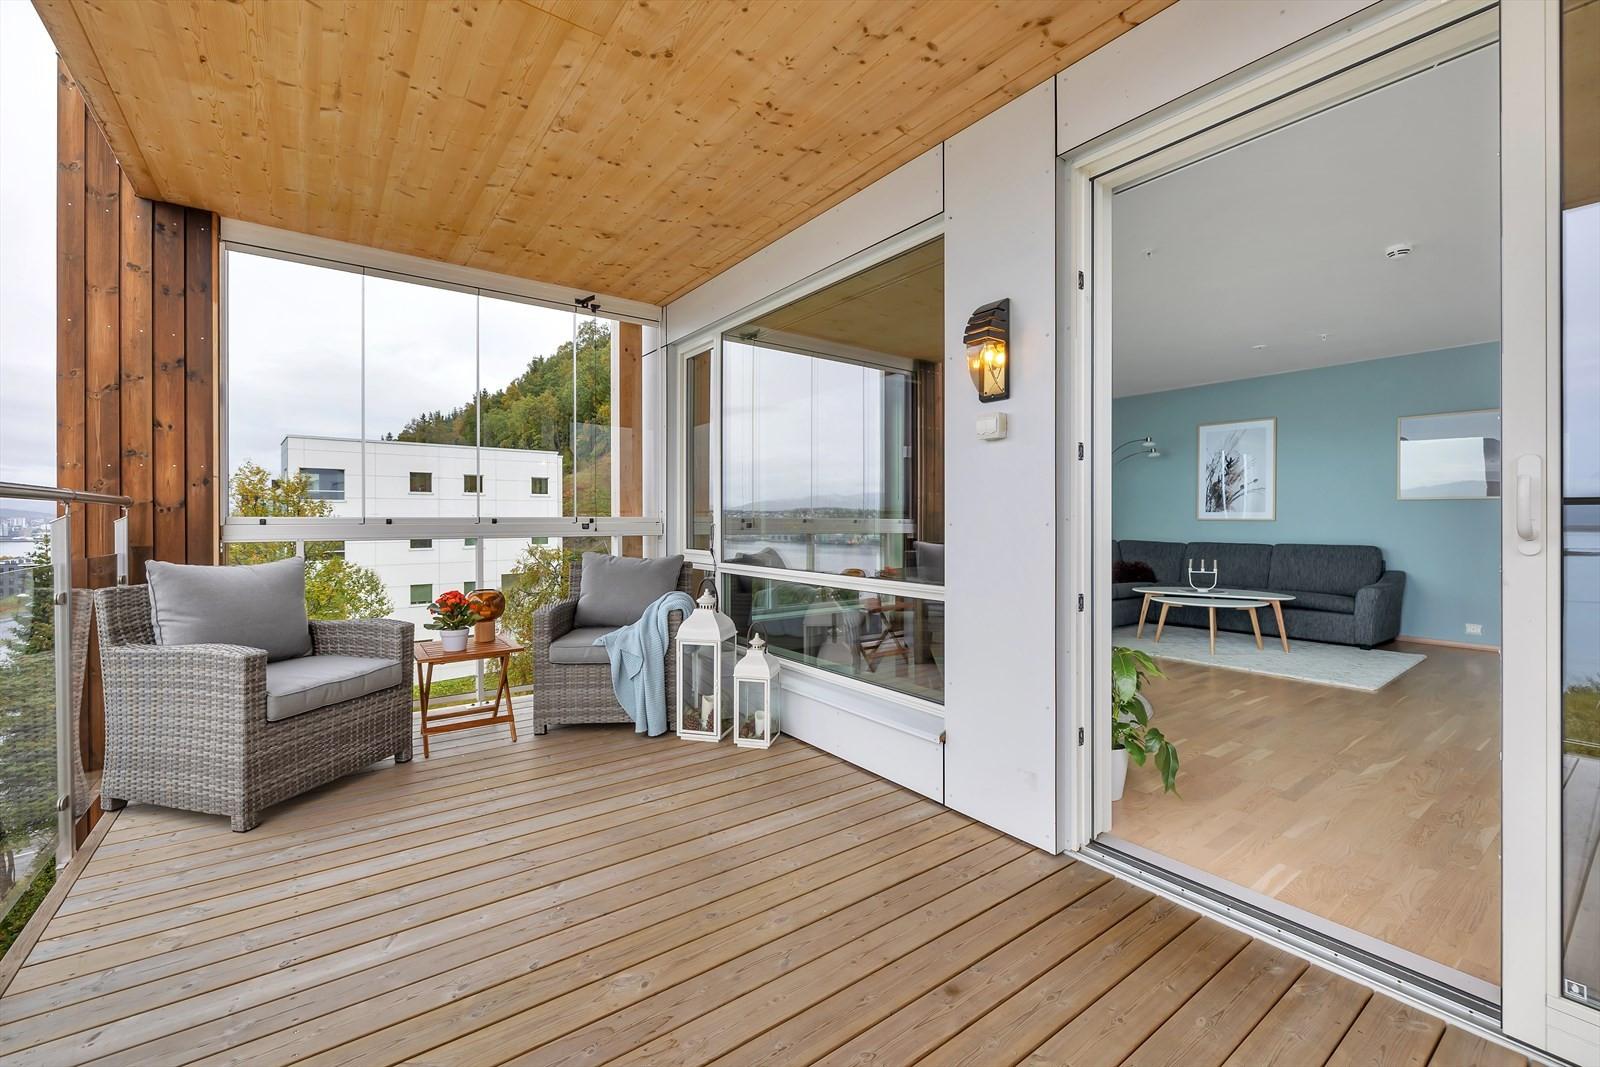 Skyvedør inn til stuen. Det er montert vinterhageglass mot nord slik at du sitter lunt hele sommerhalvåret